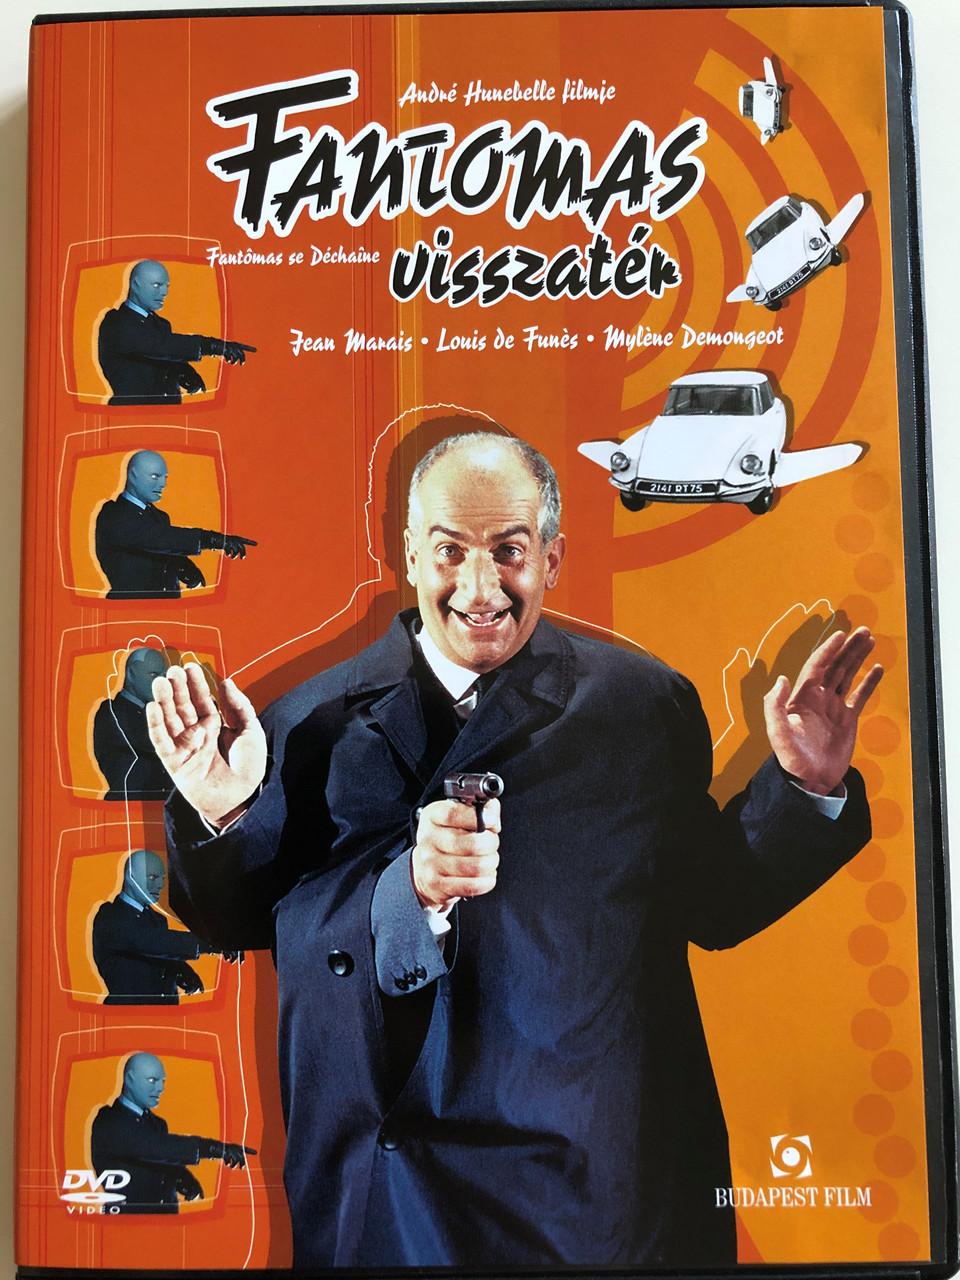 Fantômas se déchaîne (Fantomas Unleashed) DVD 1965 Fantomas visszatér /  Directed by: André Hunebelle, Haroun Tazieff / Starring: Jean Marais, Louis  de Funés, Myléne Demongeot - bibleinmylanguage